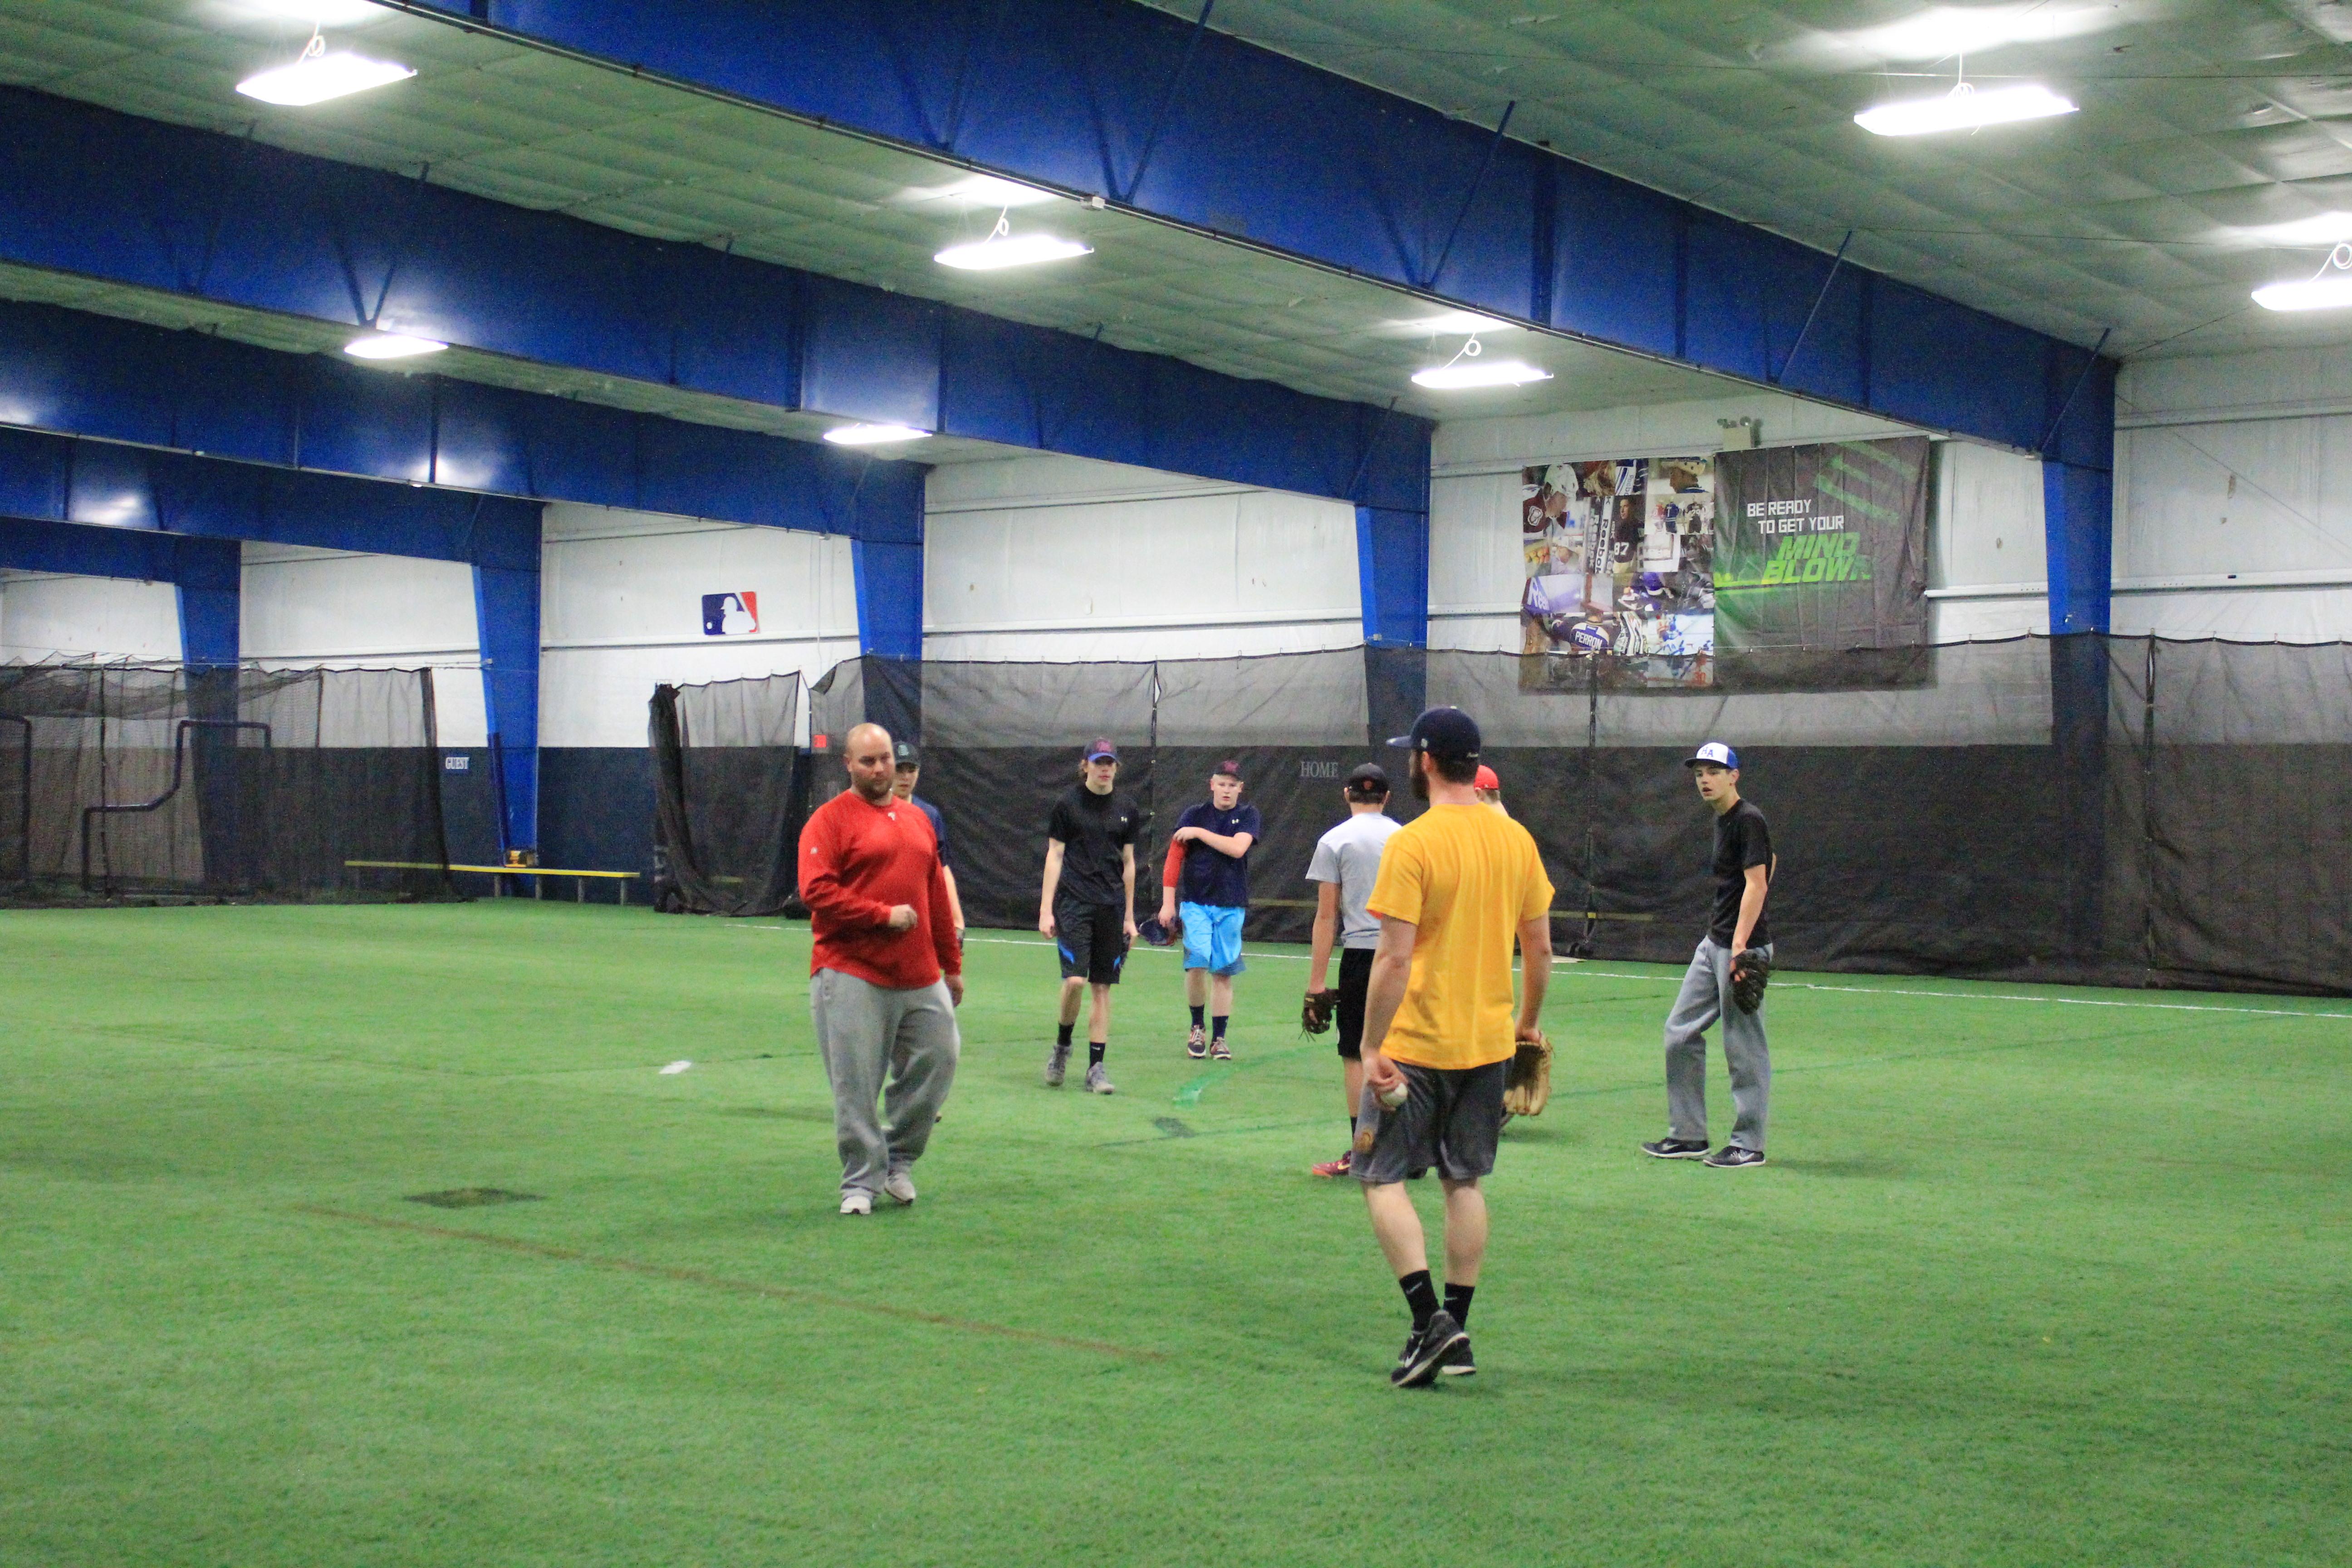 Pro Staff Baseball Camps